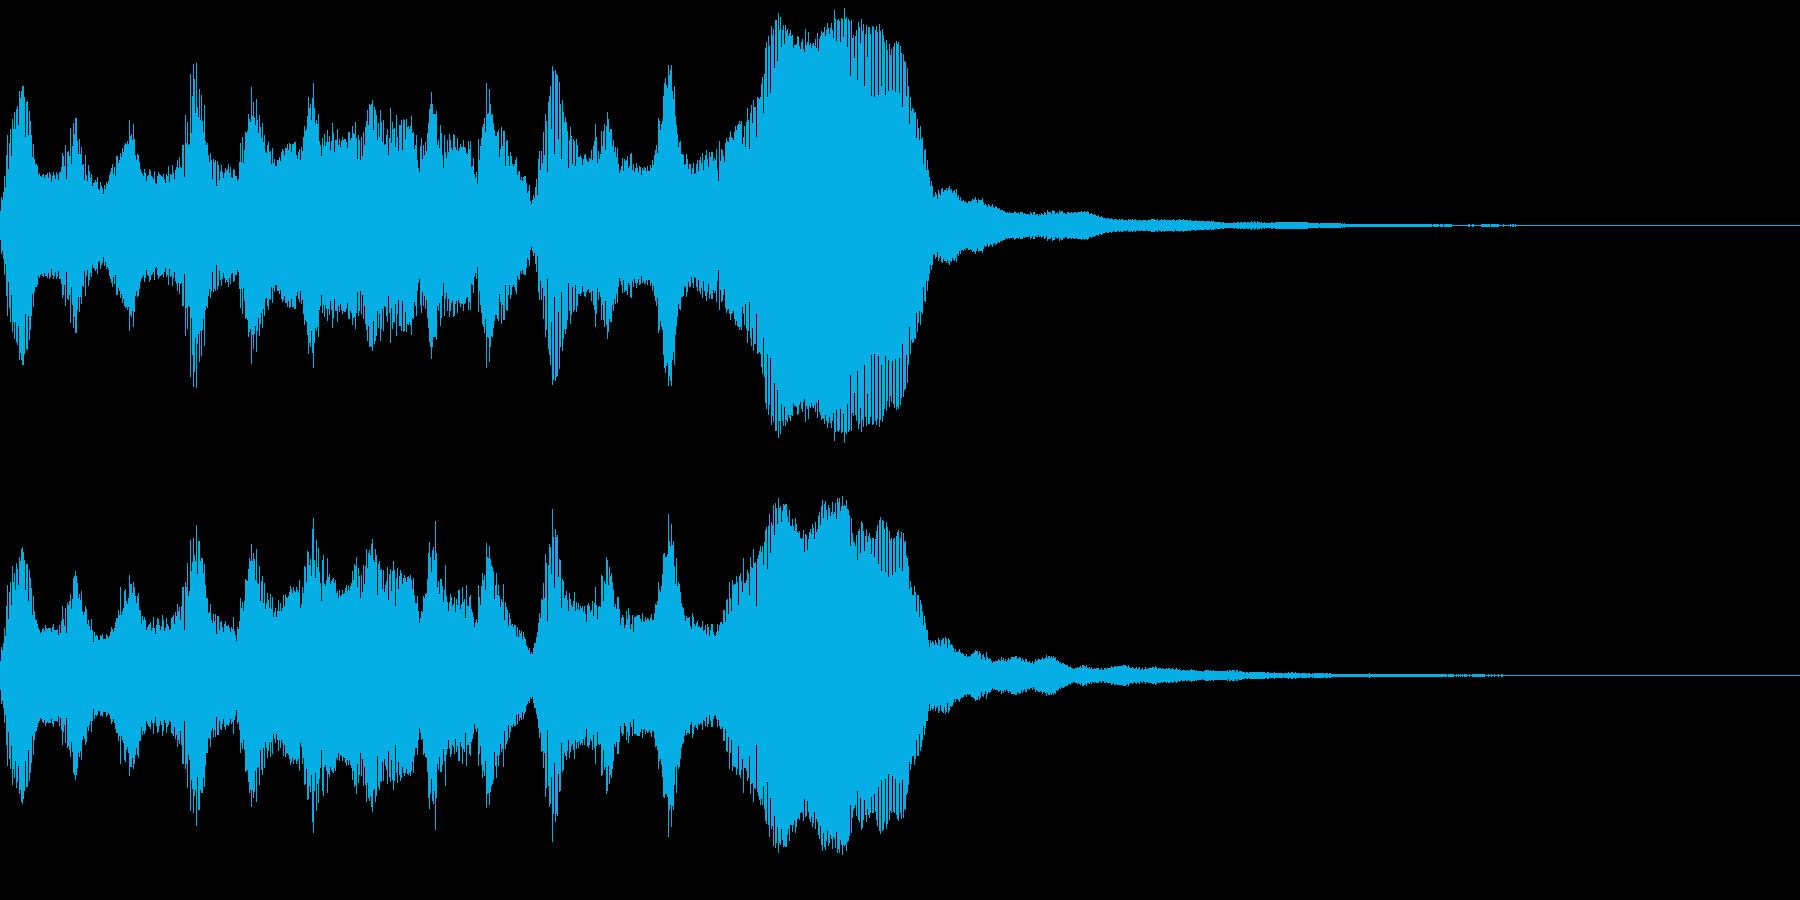 サウンドロゴ、ゴージャス感、verAの再生済みの波形